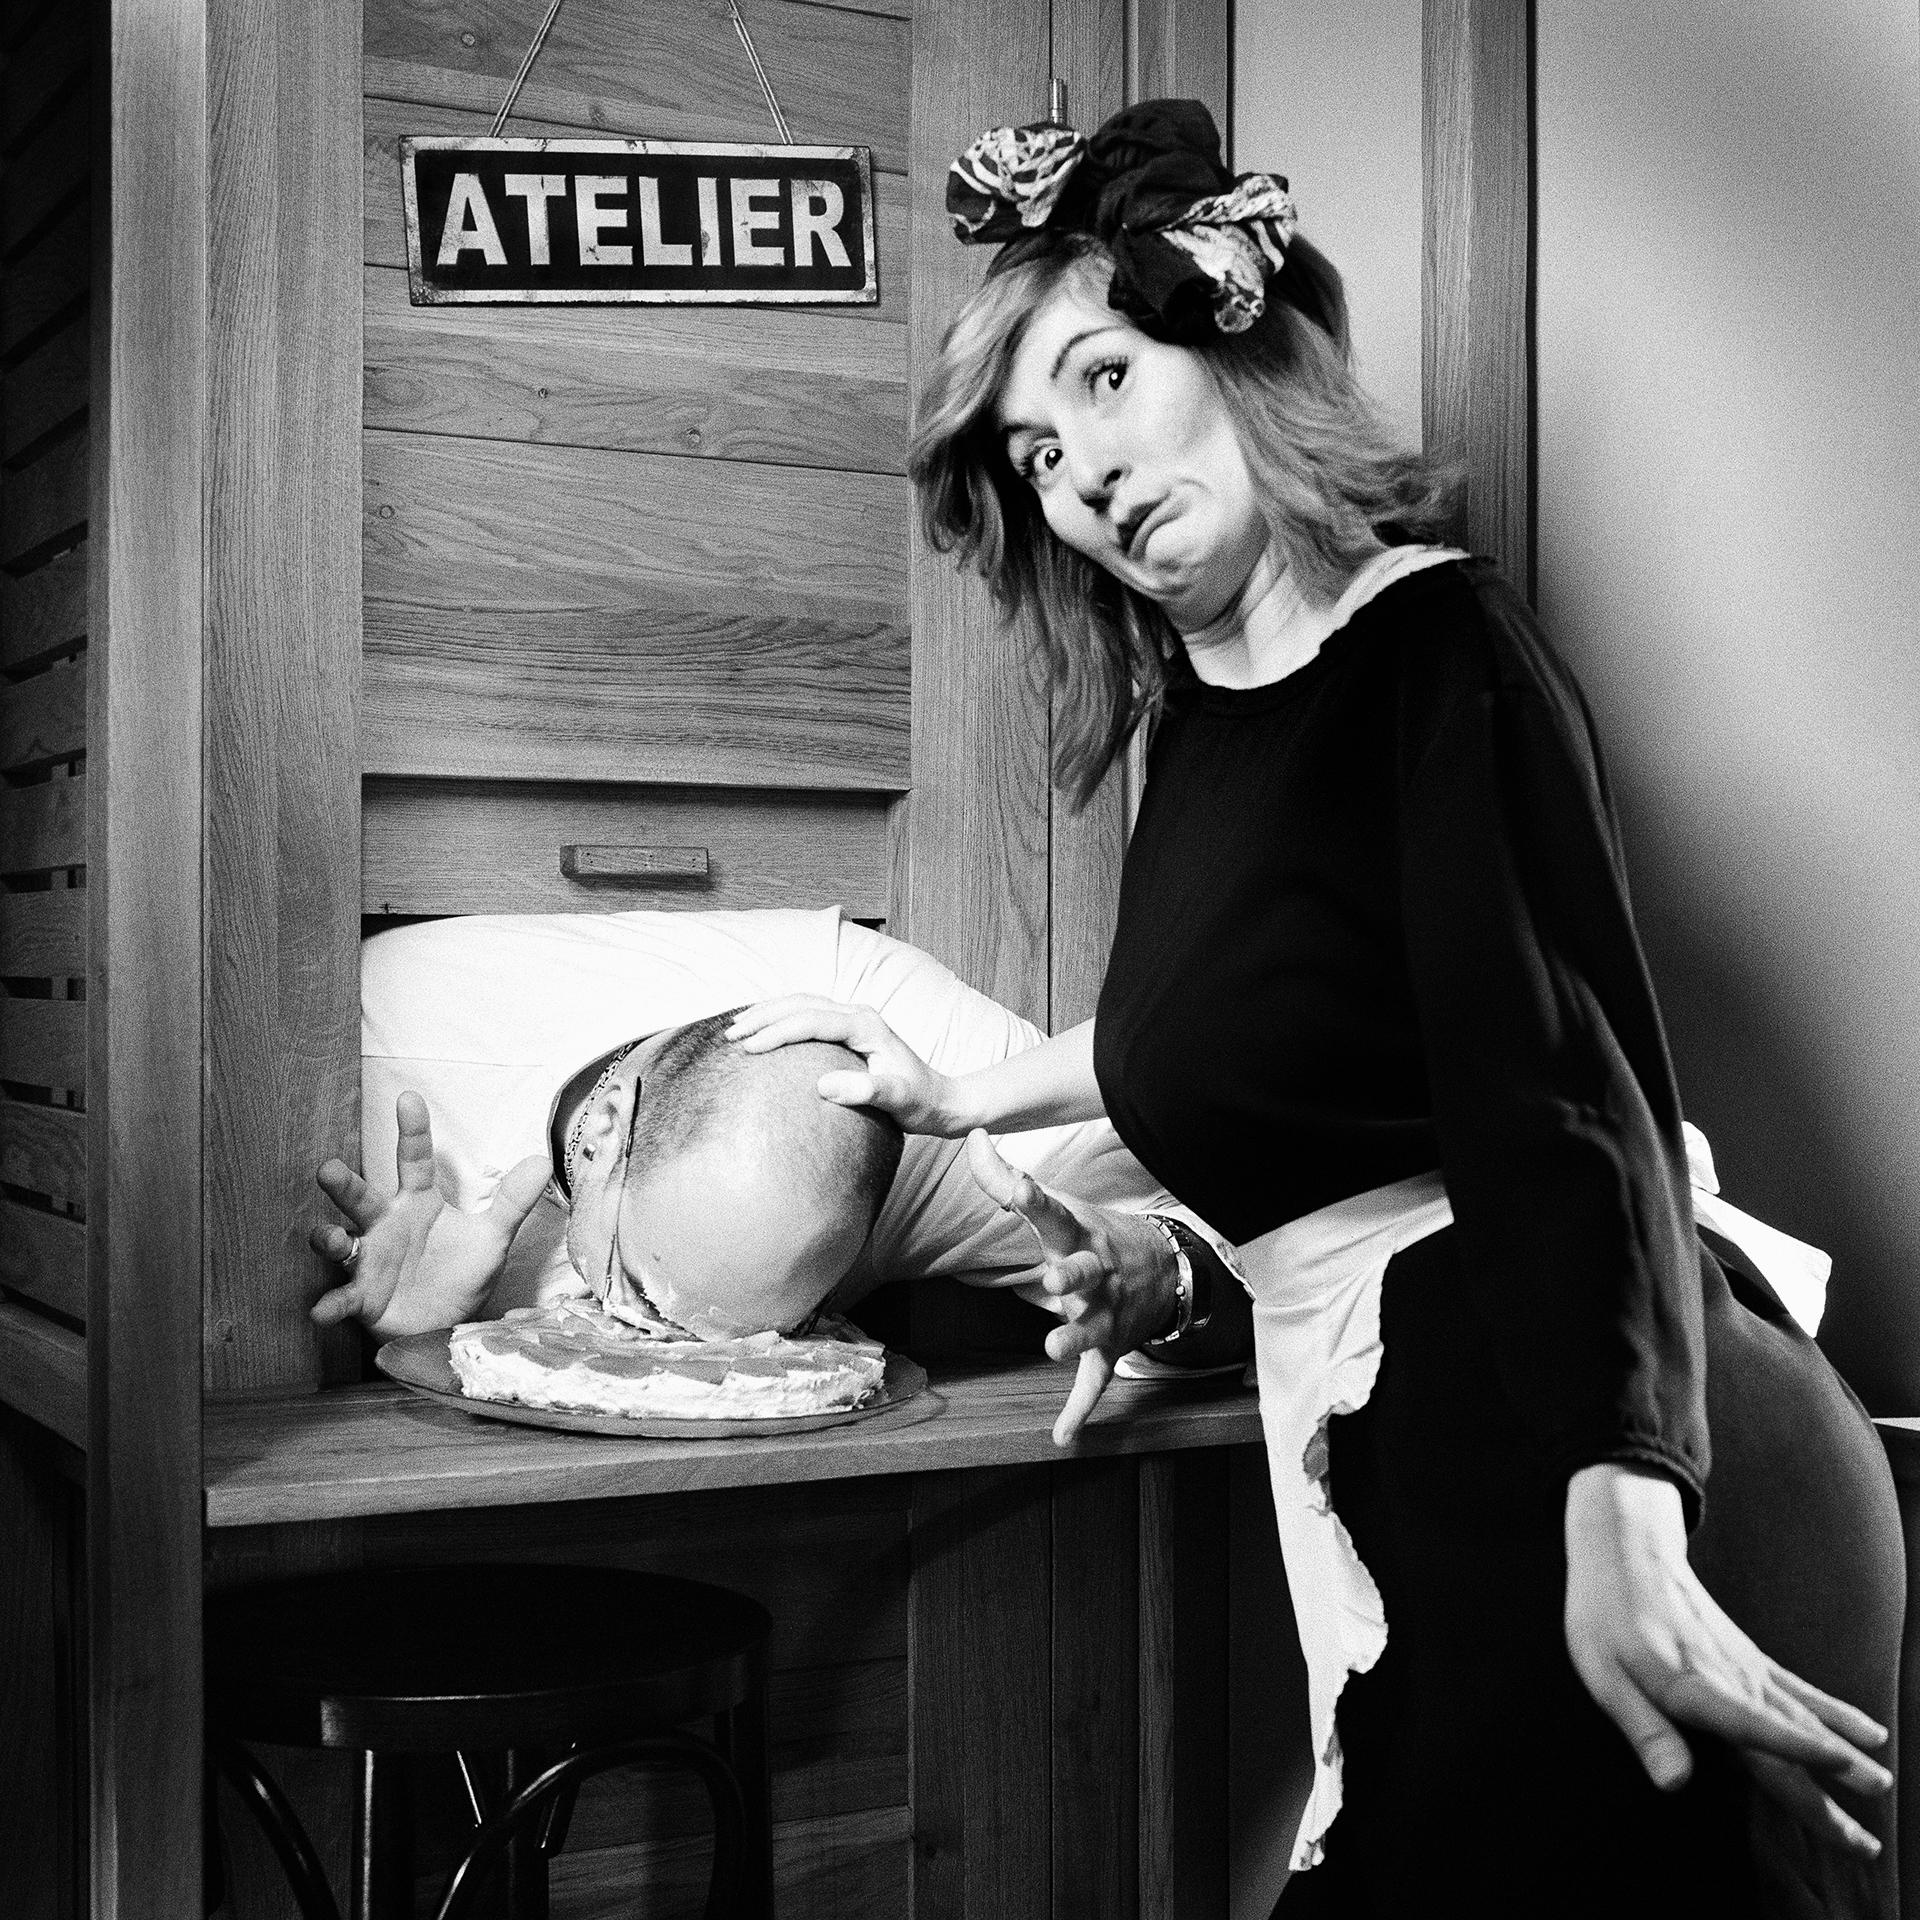 Atelier_retouch